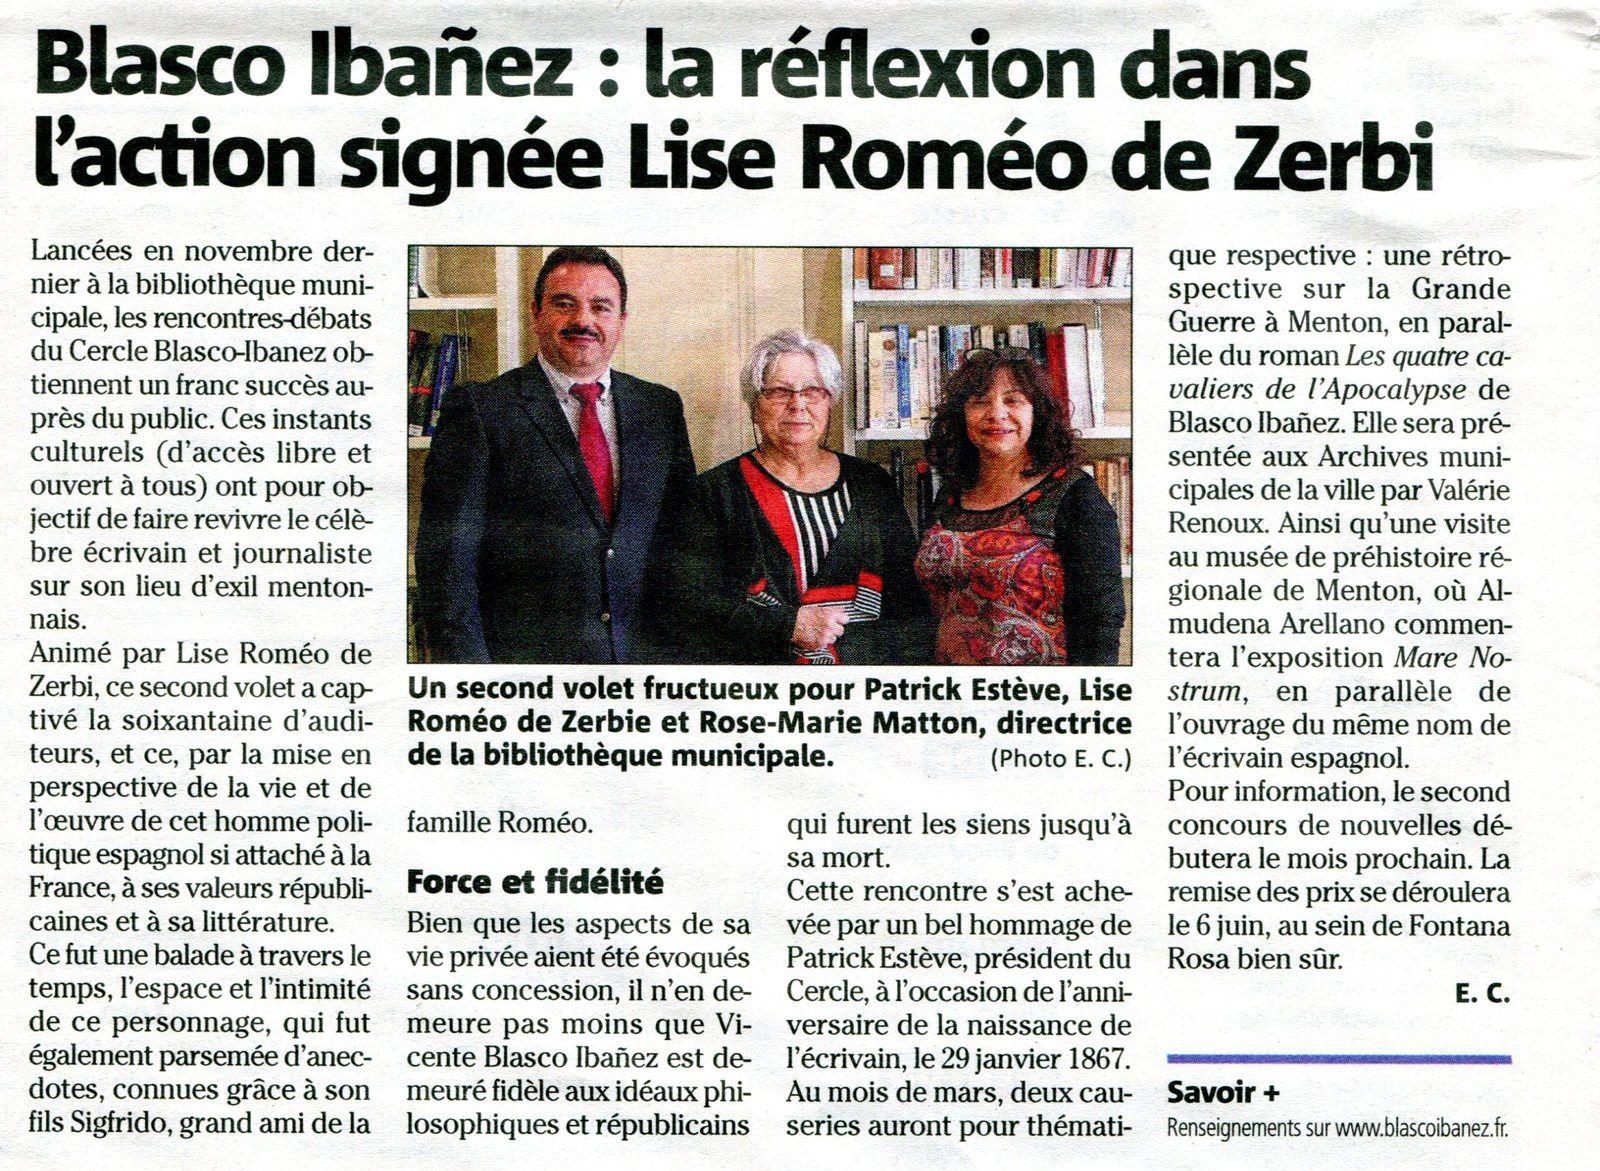 """3ème rencontre-débat du Cercle Blasco Ibañez """"Vicente Blasco Ibañez : la réflexion dans l'action"""""""